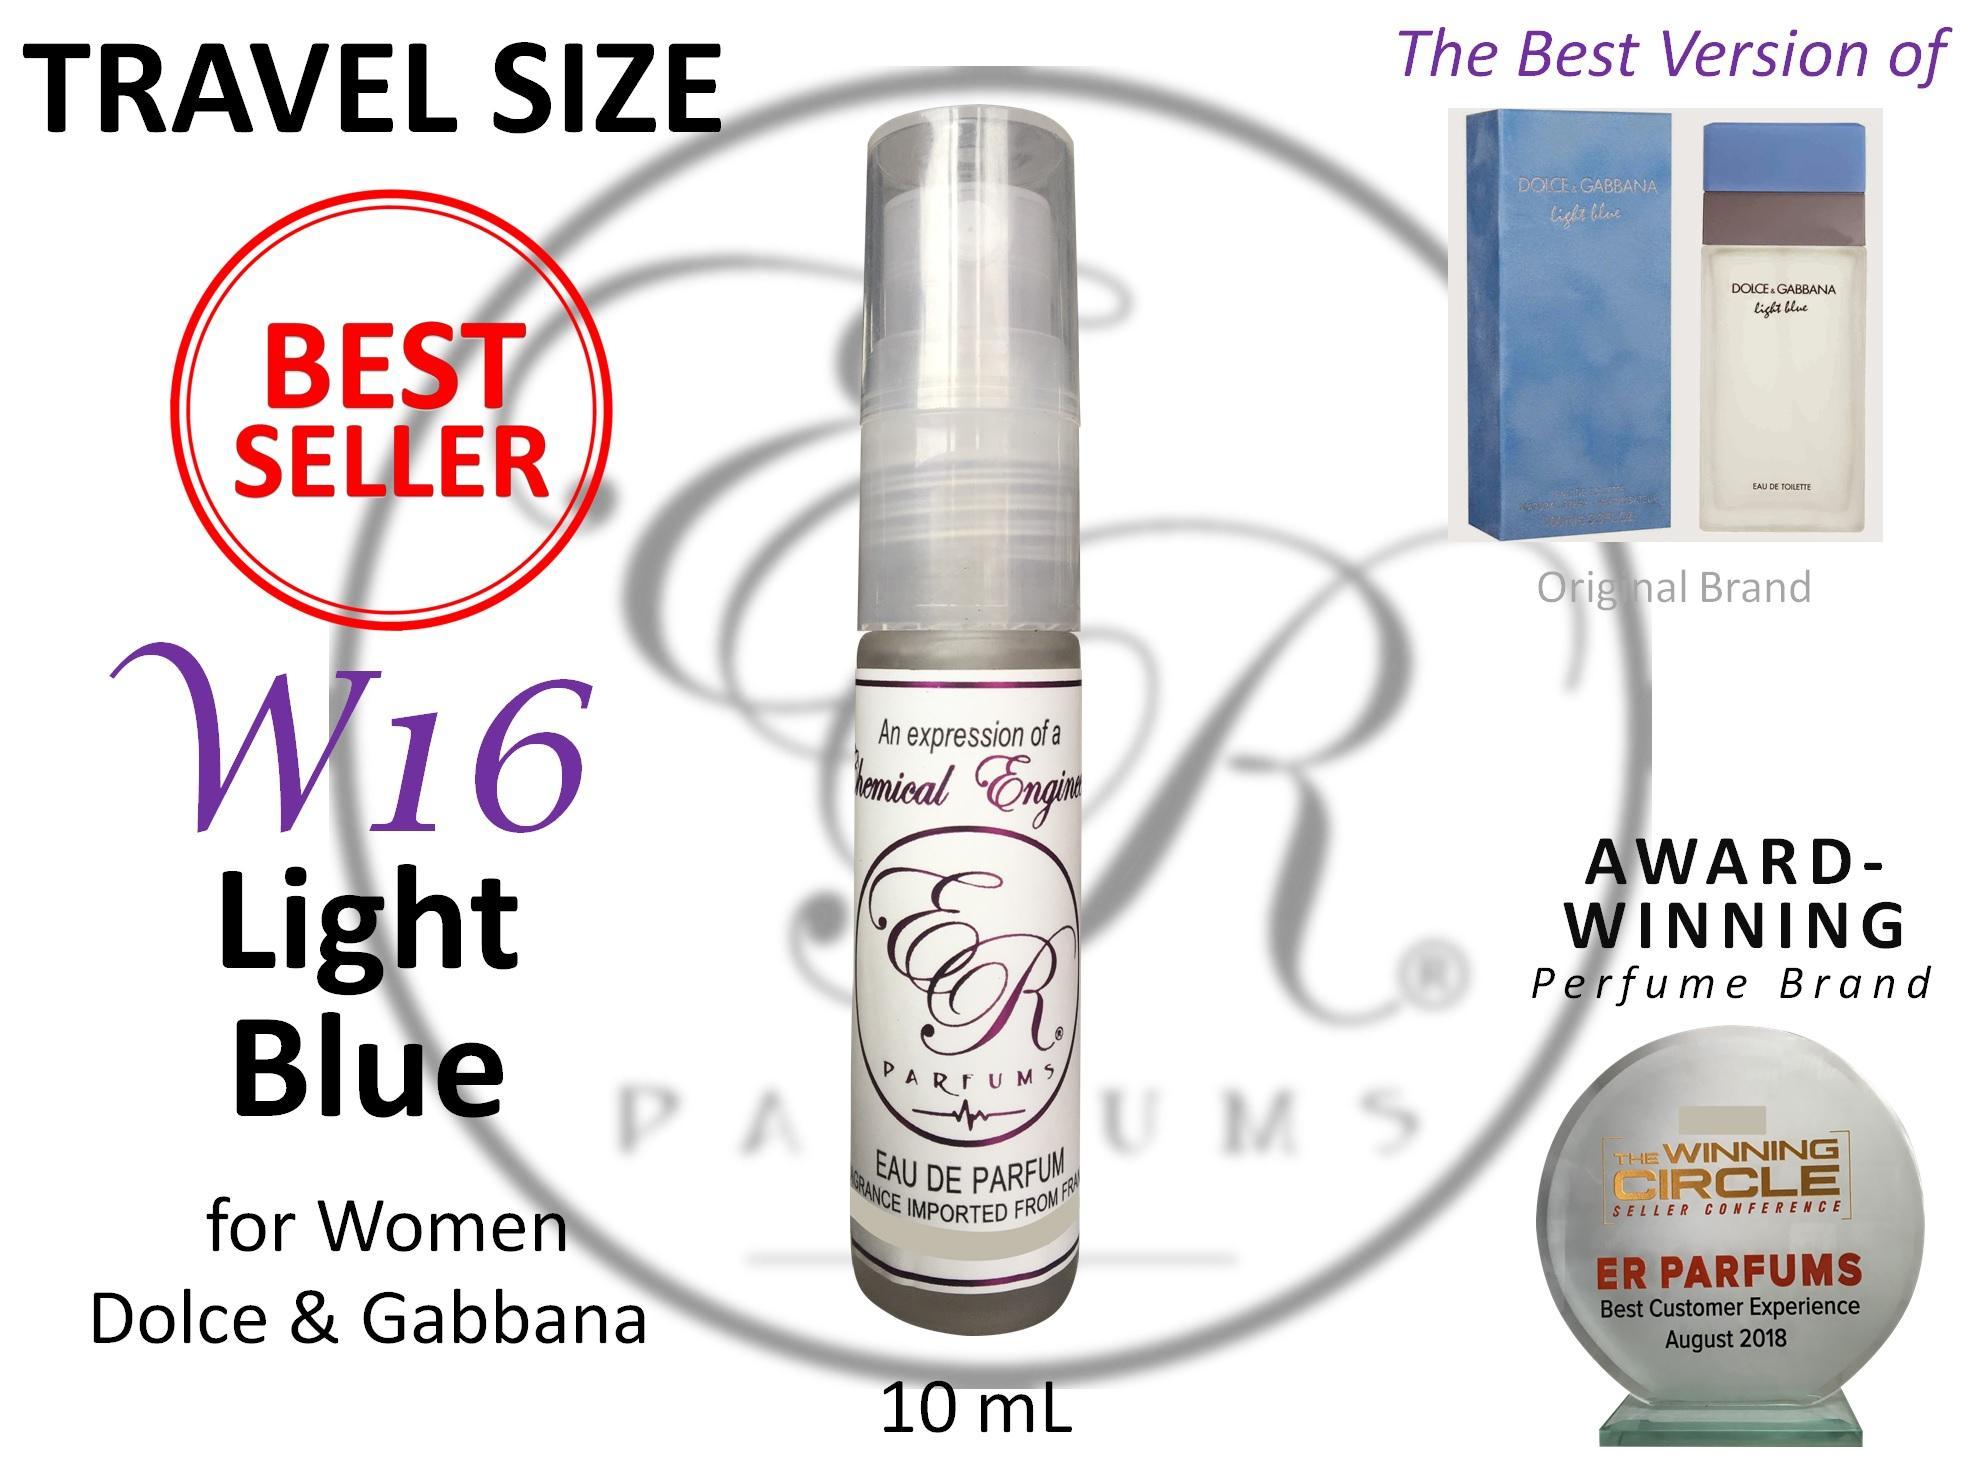 e34a9b9c9bd2 ER PARFUMS W16 Light Blue for Women by Dolce   Gabbana 1 piece 10 ml TRAVEL